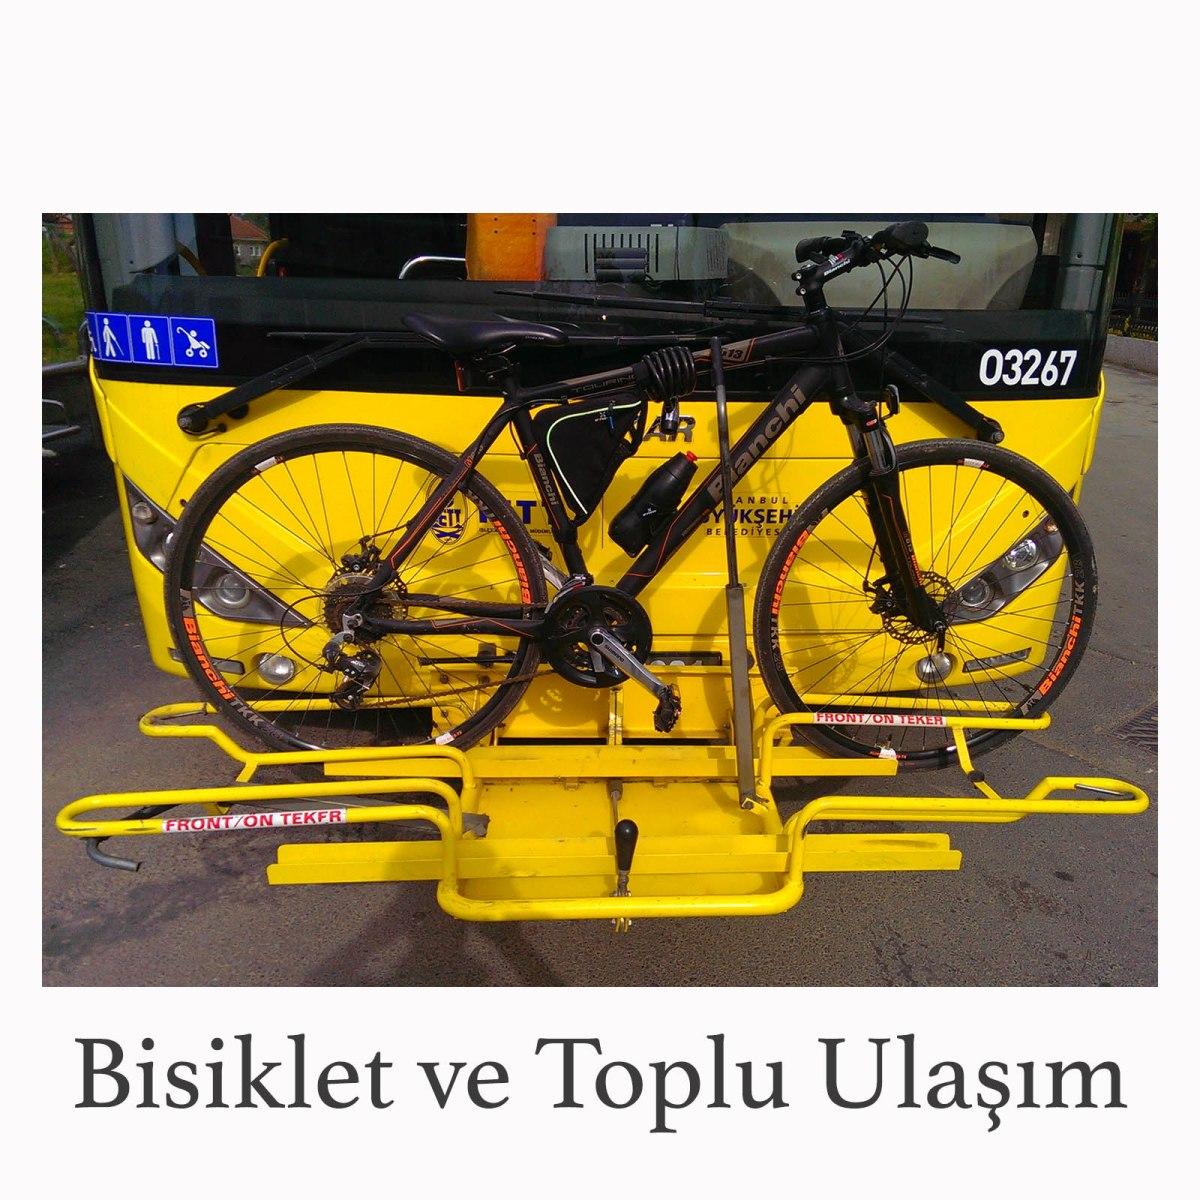 Toplu Taşıma ve Bisiklet